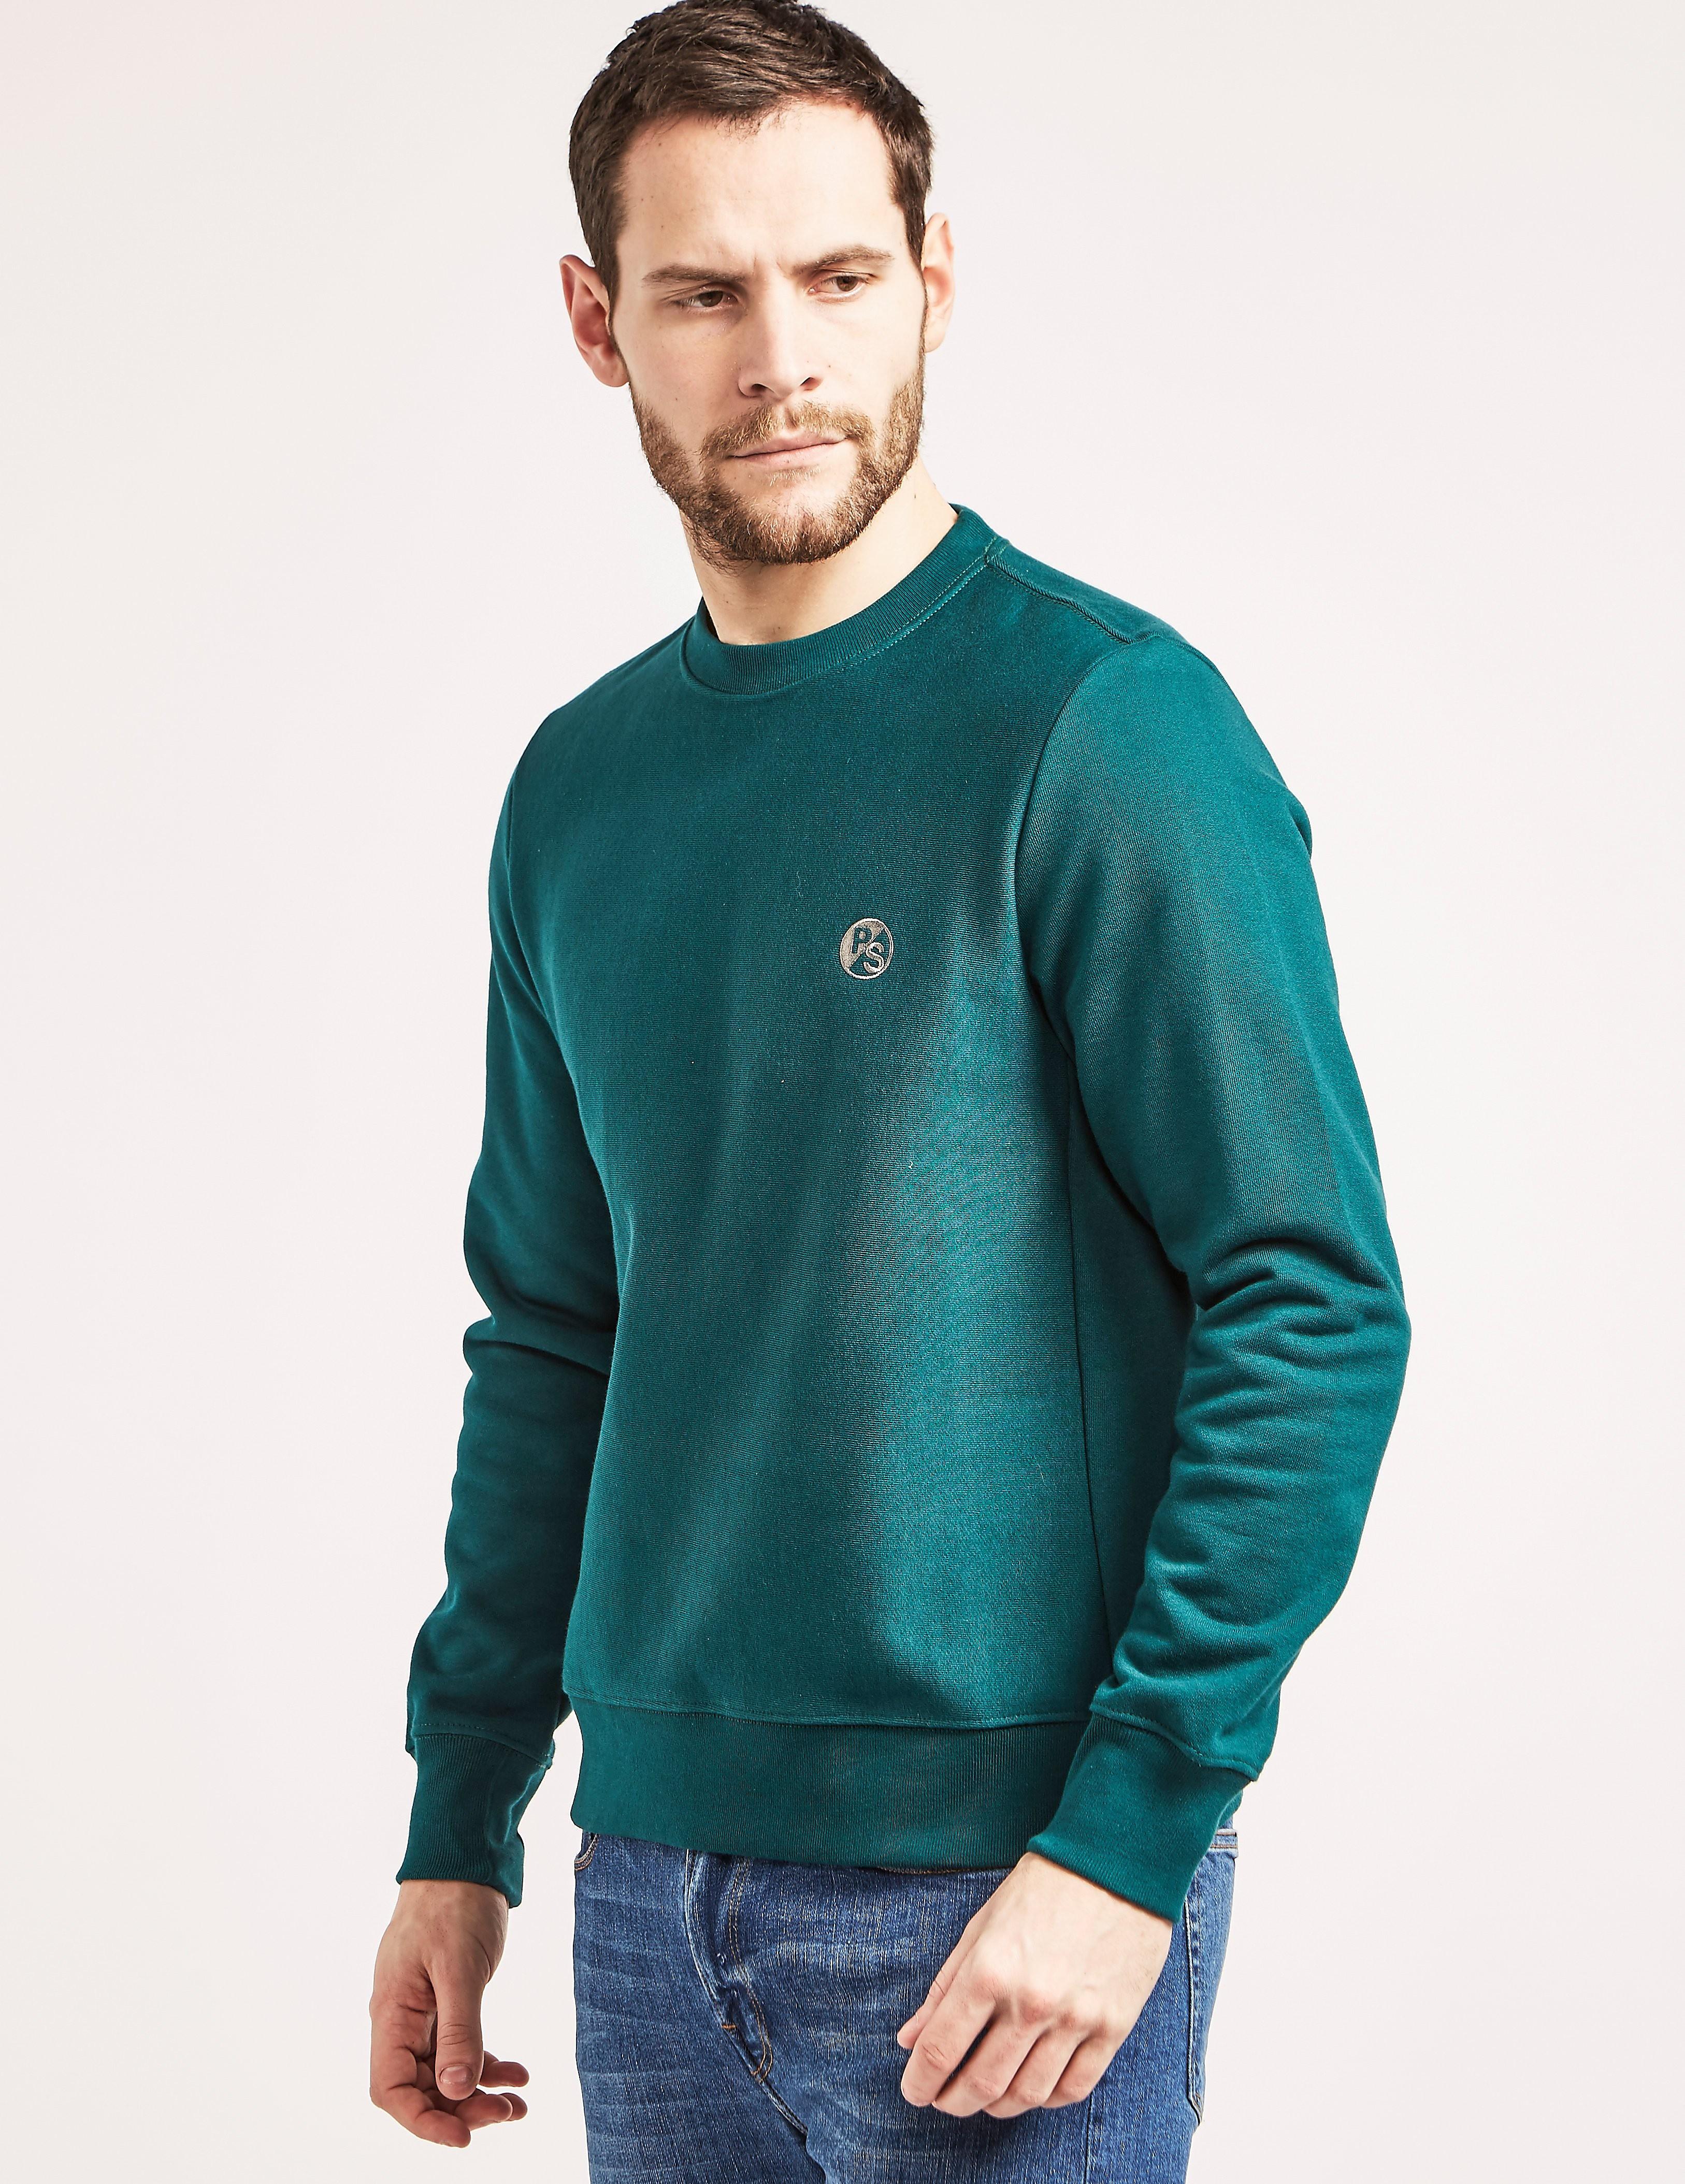 Paul Smith Embroidered Logo Sweatshirt